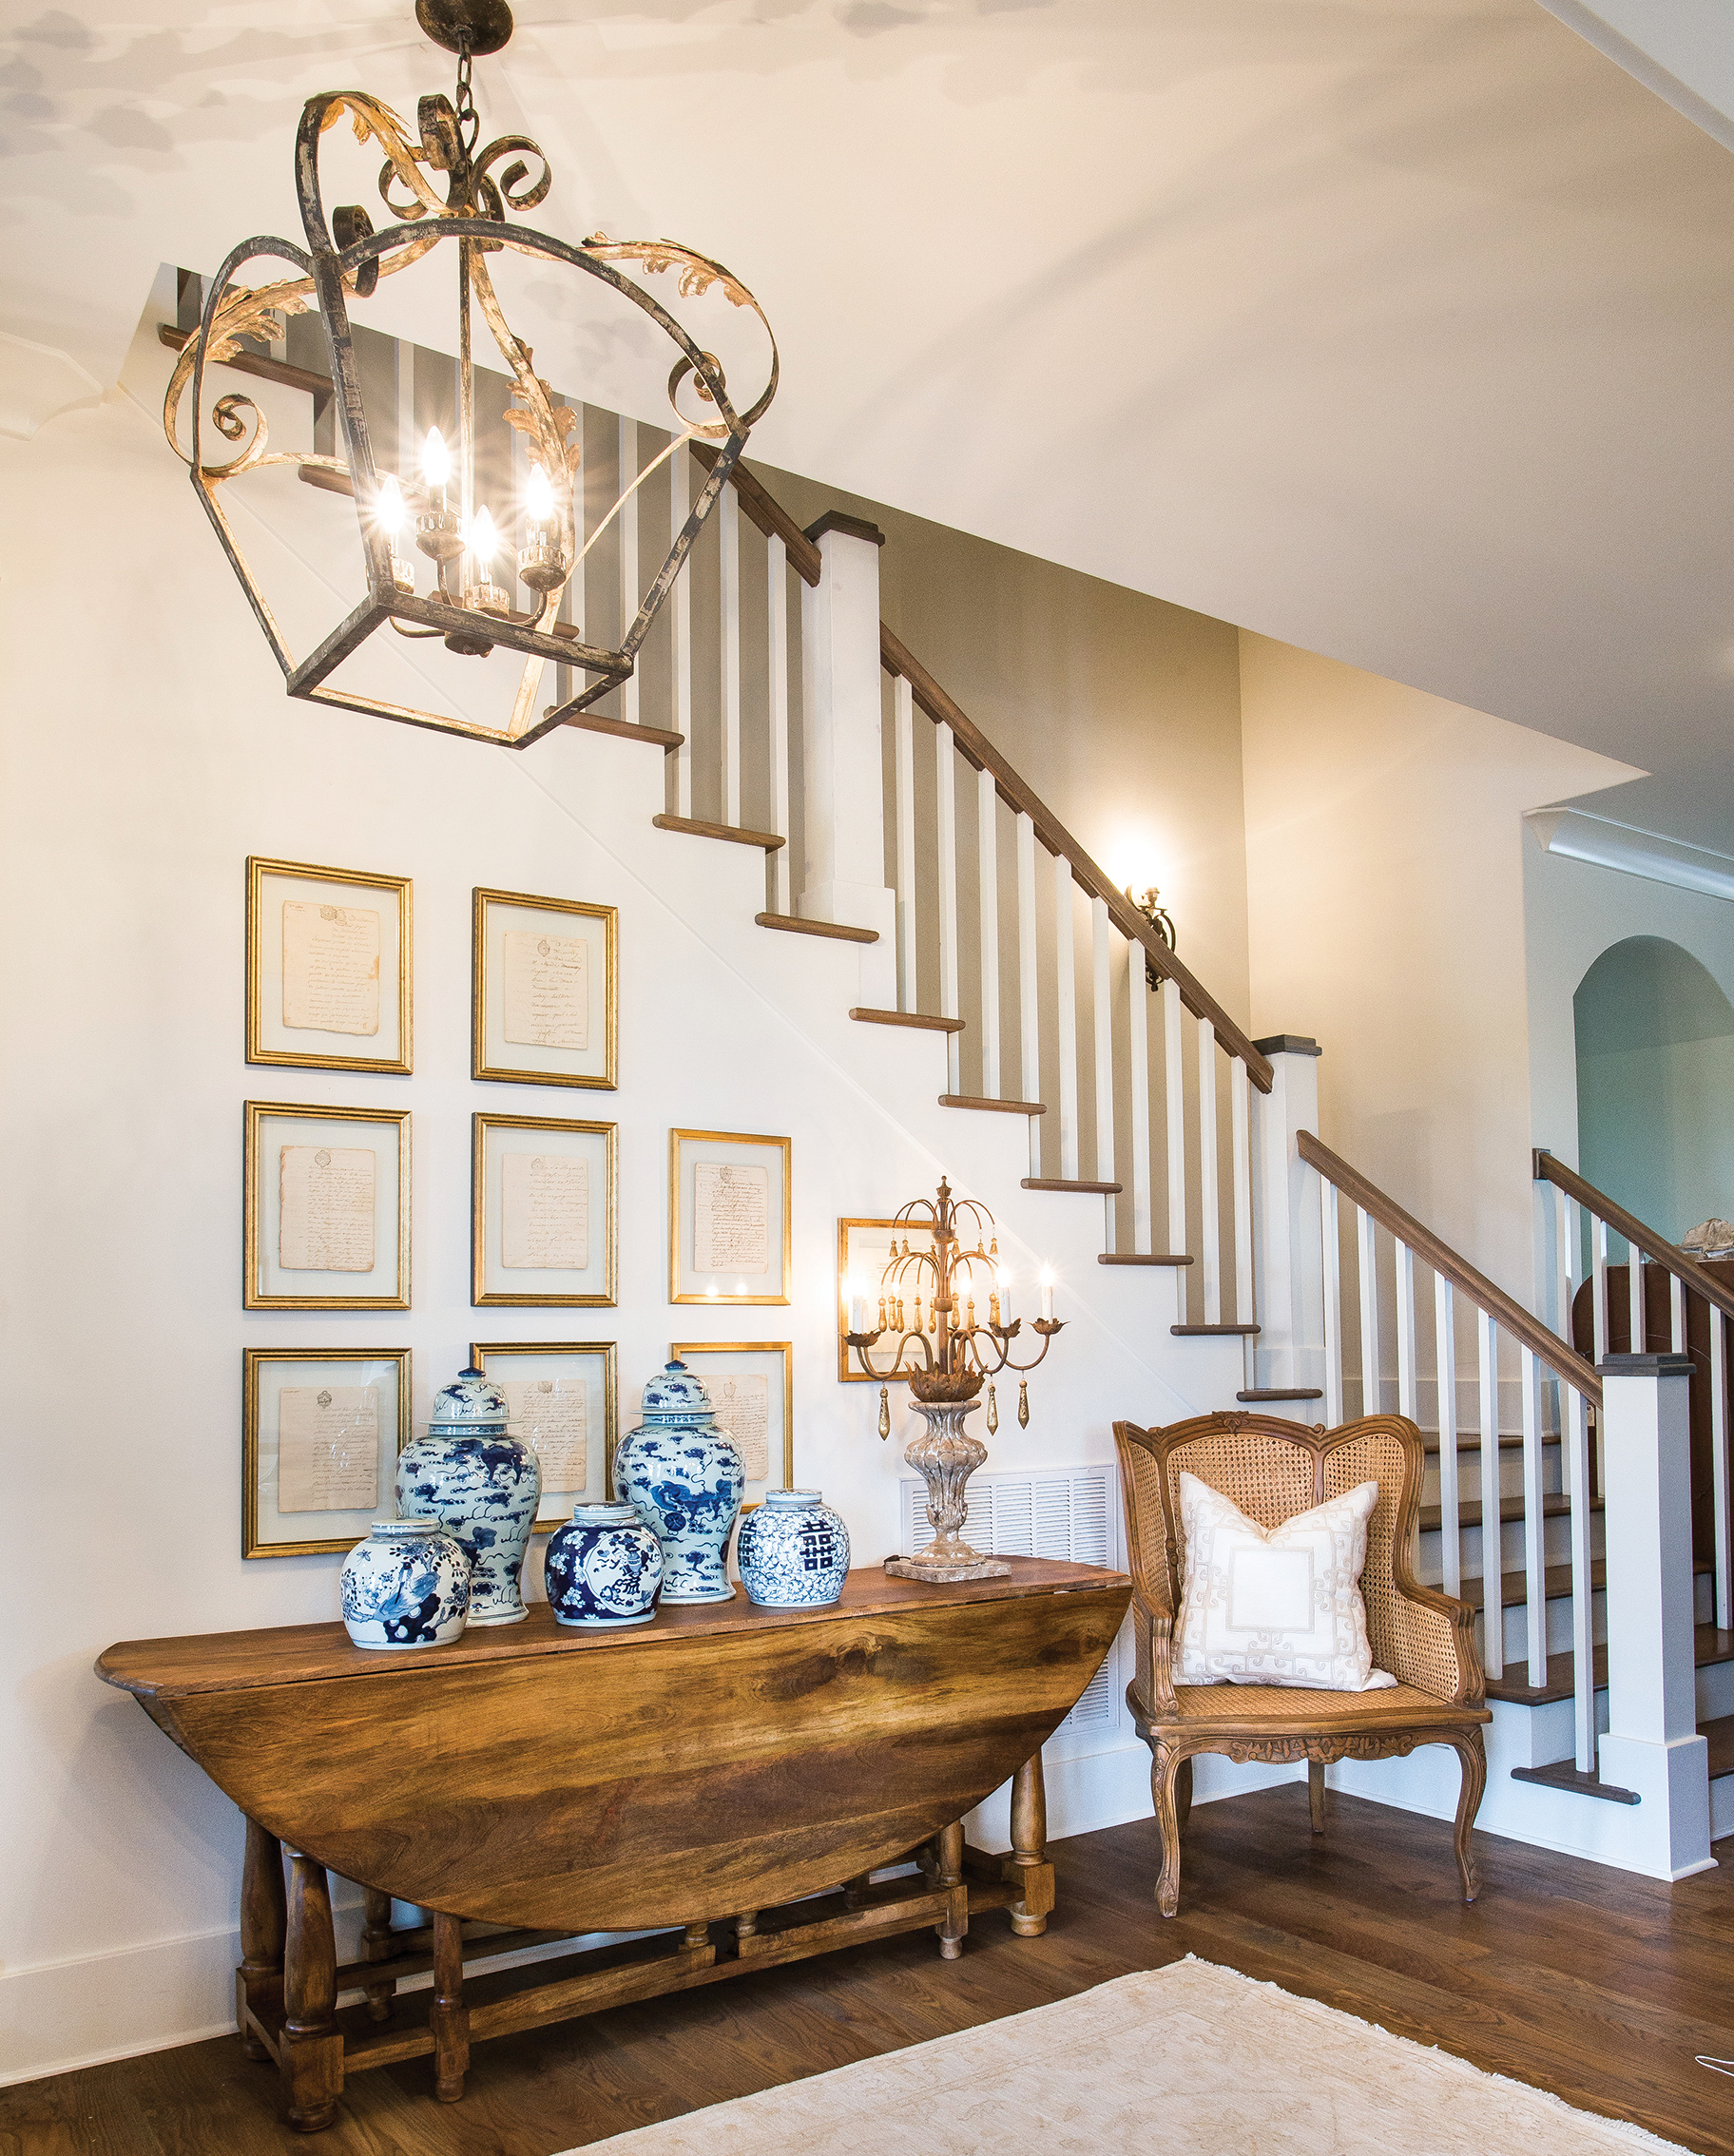 P allen smith garden home plans home plan for P allen smith living room